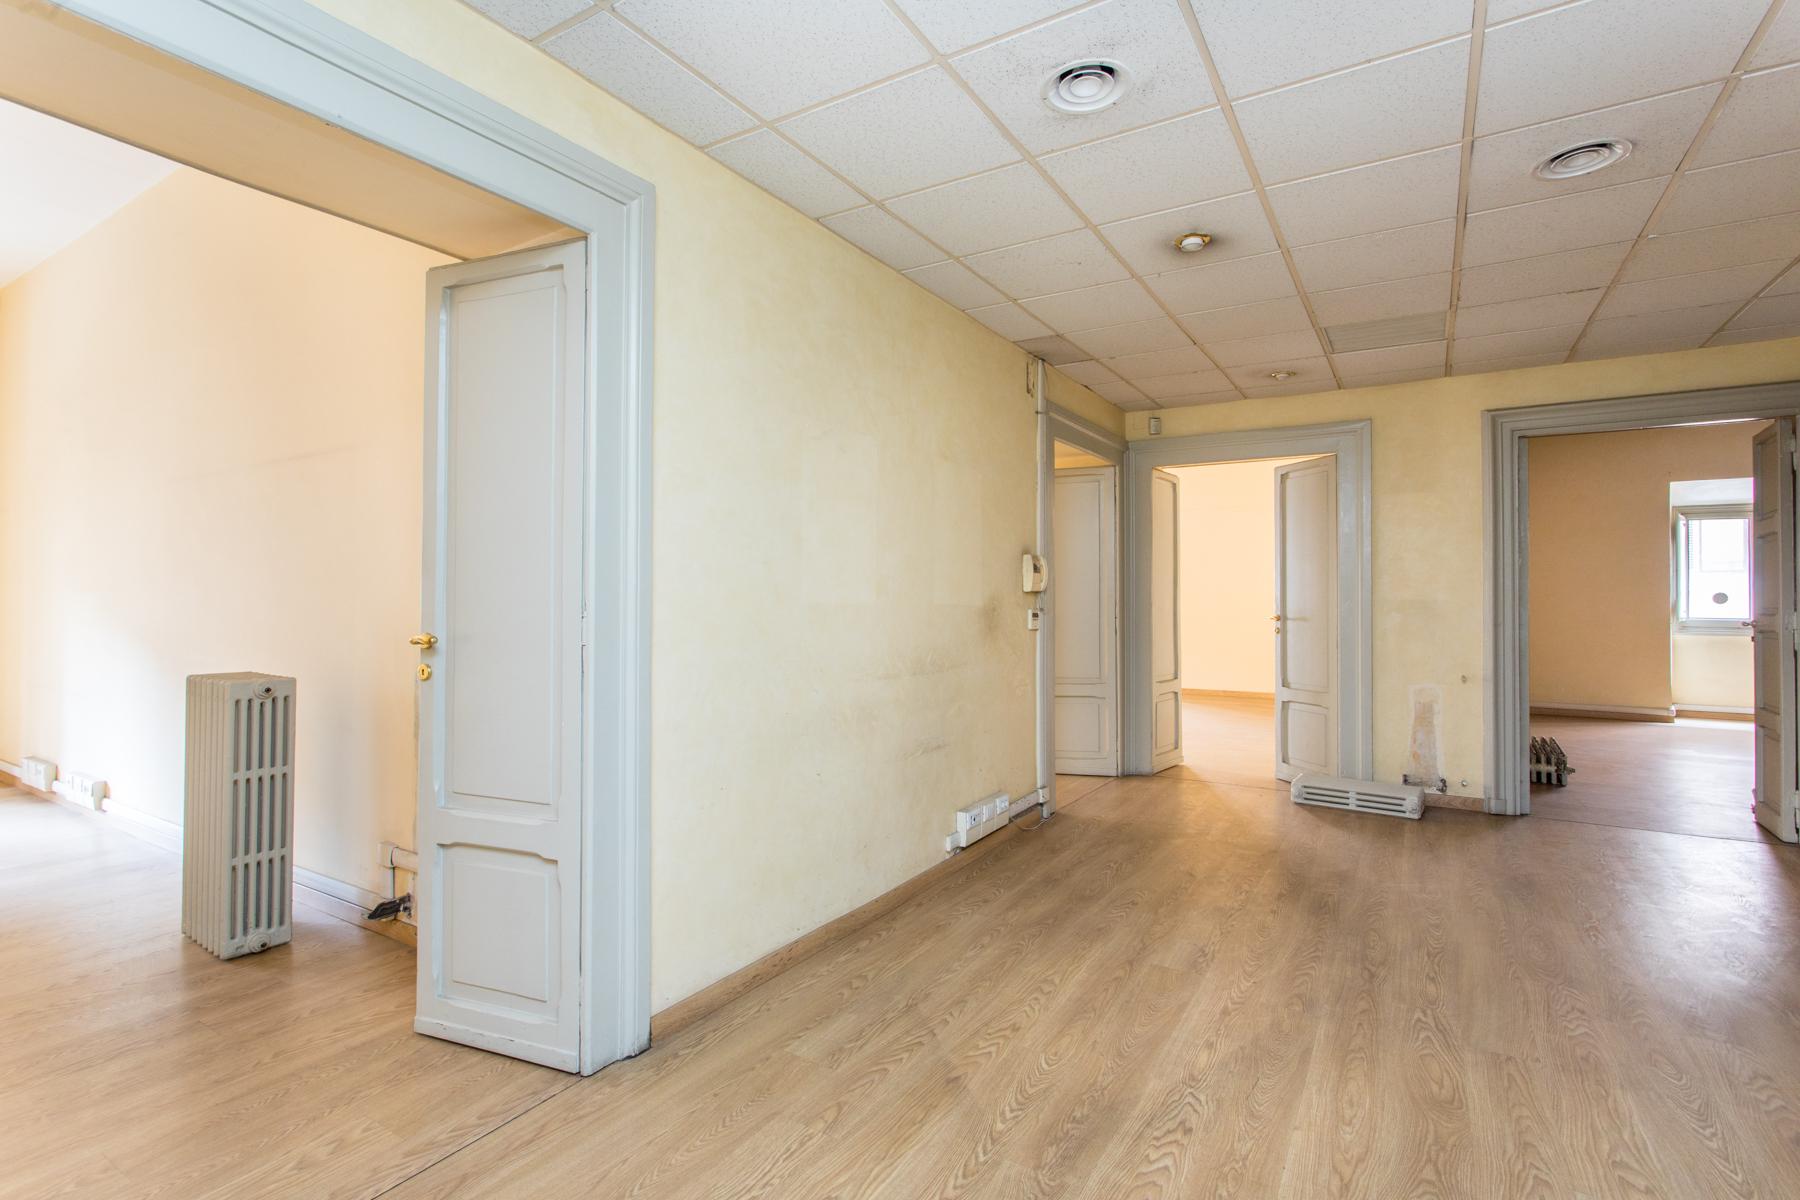 Ufficio-studio in Vendita a Roma: 5 locali, 600 mq - Foto 14